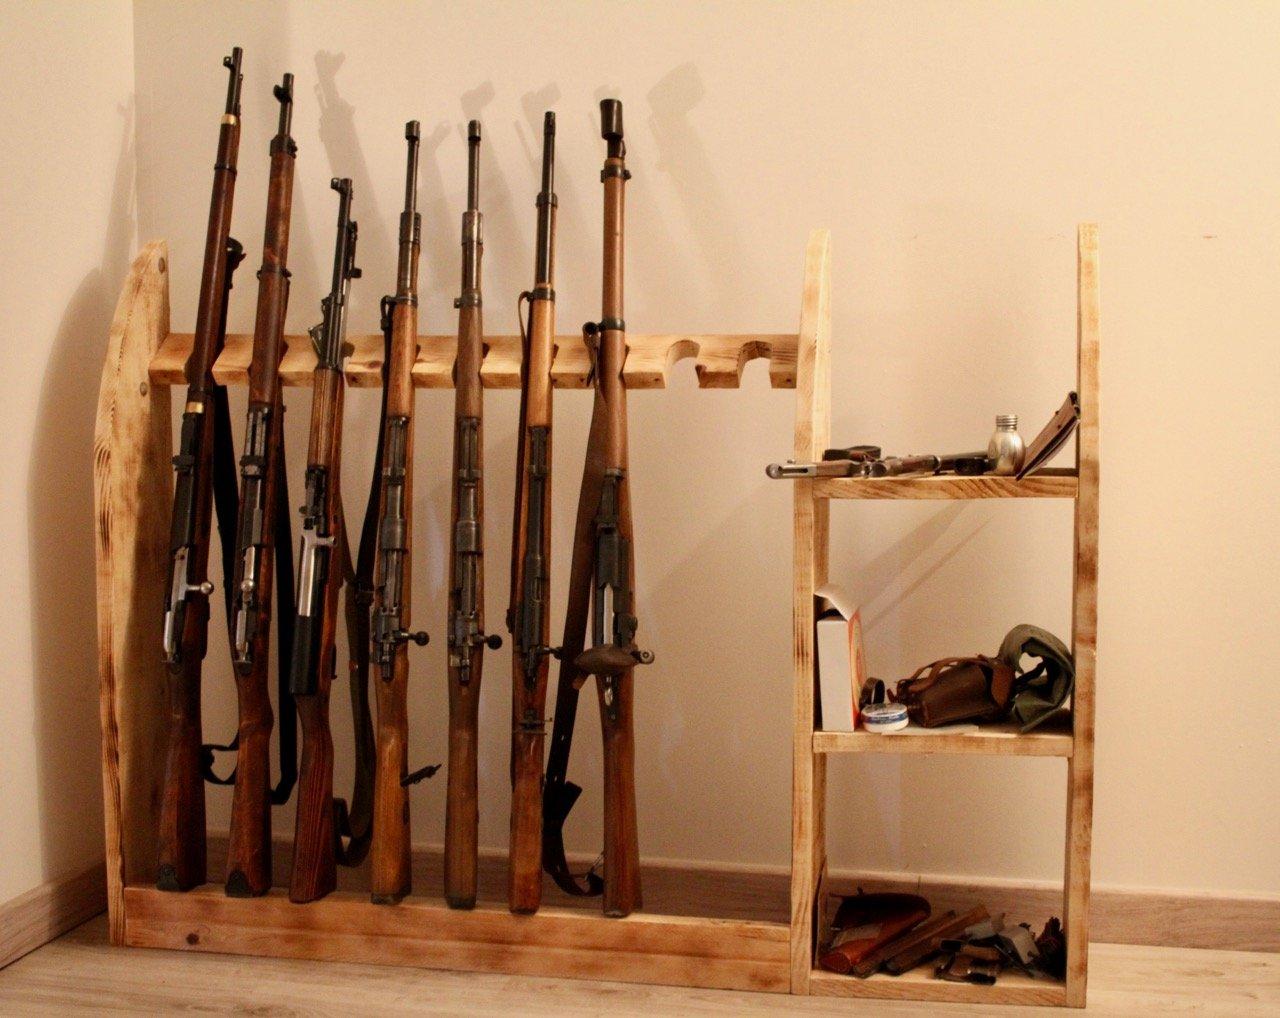 Présentation murale de vos armes ? - Page 3 200419110205200848